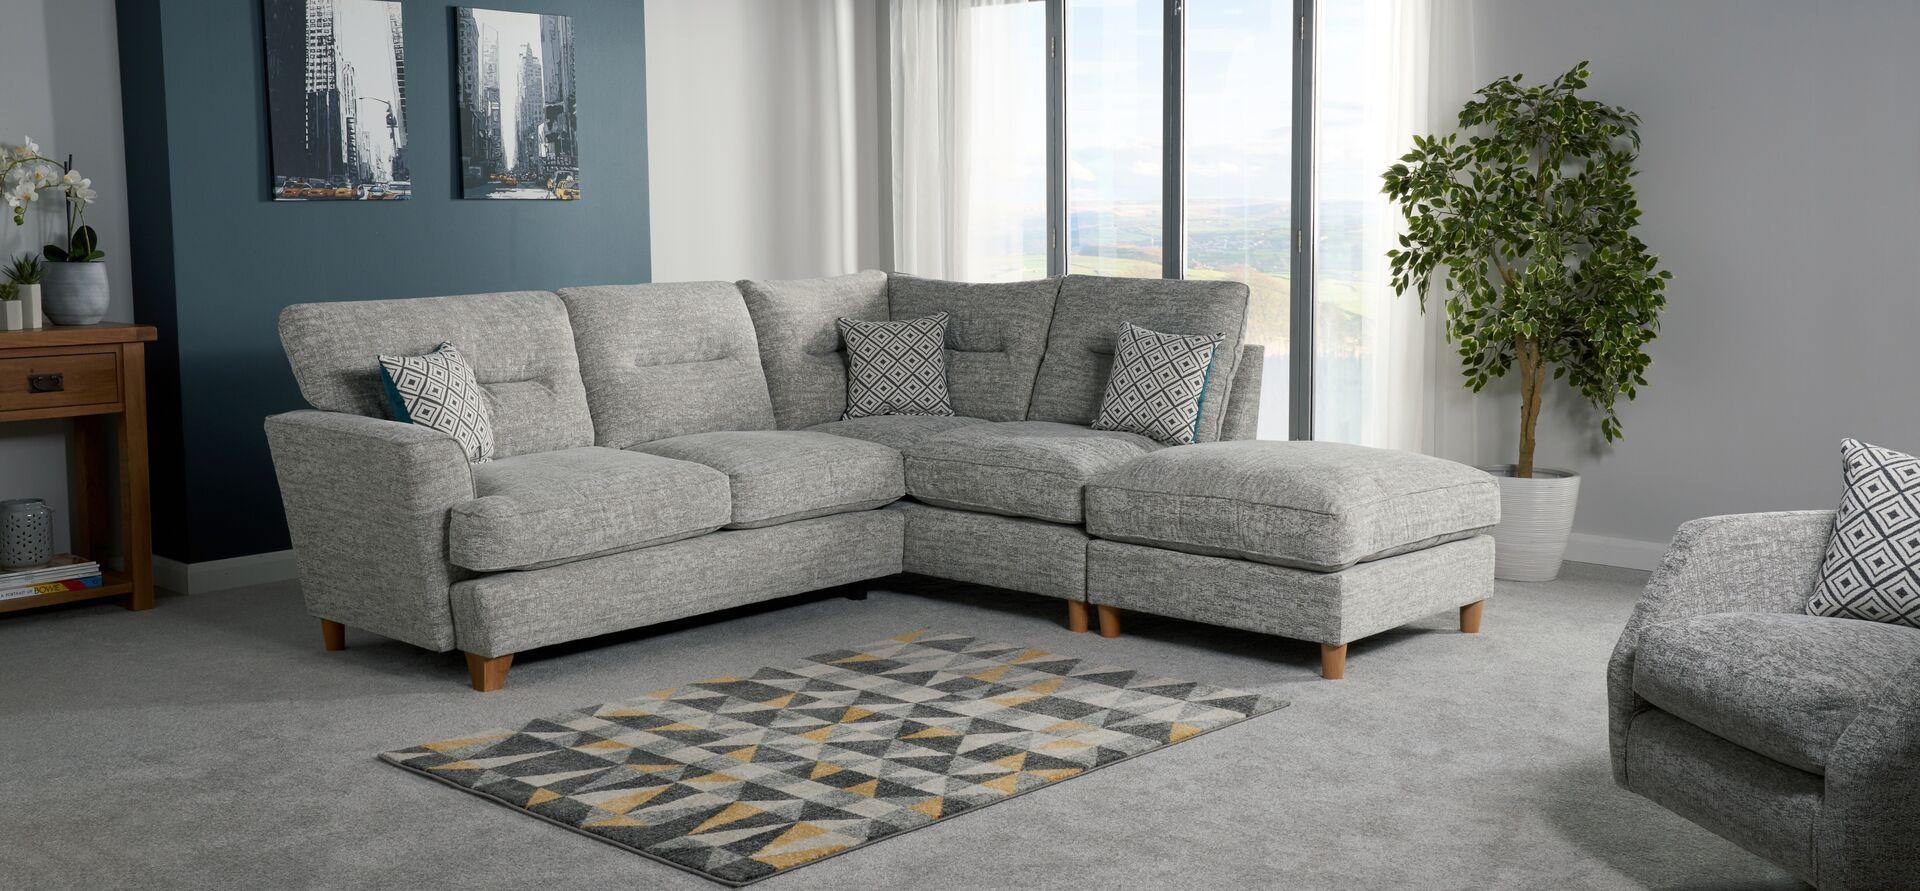 Freya 2 Corner 1 RHF Chaise Standard Back   Sofa sale, Sofa